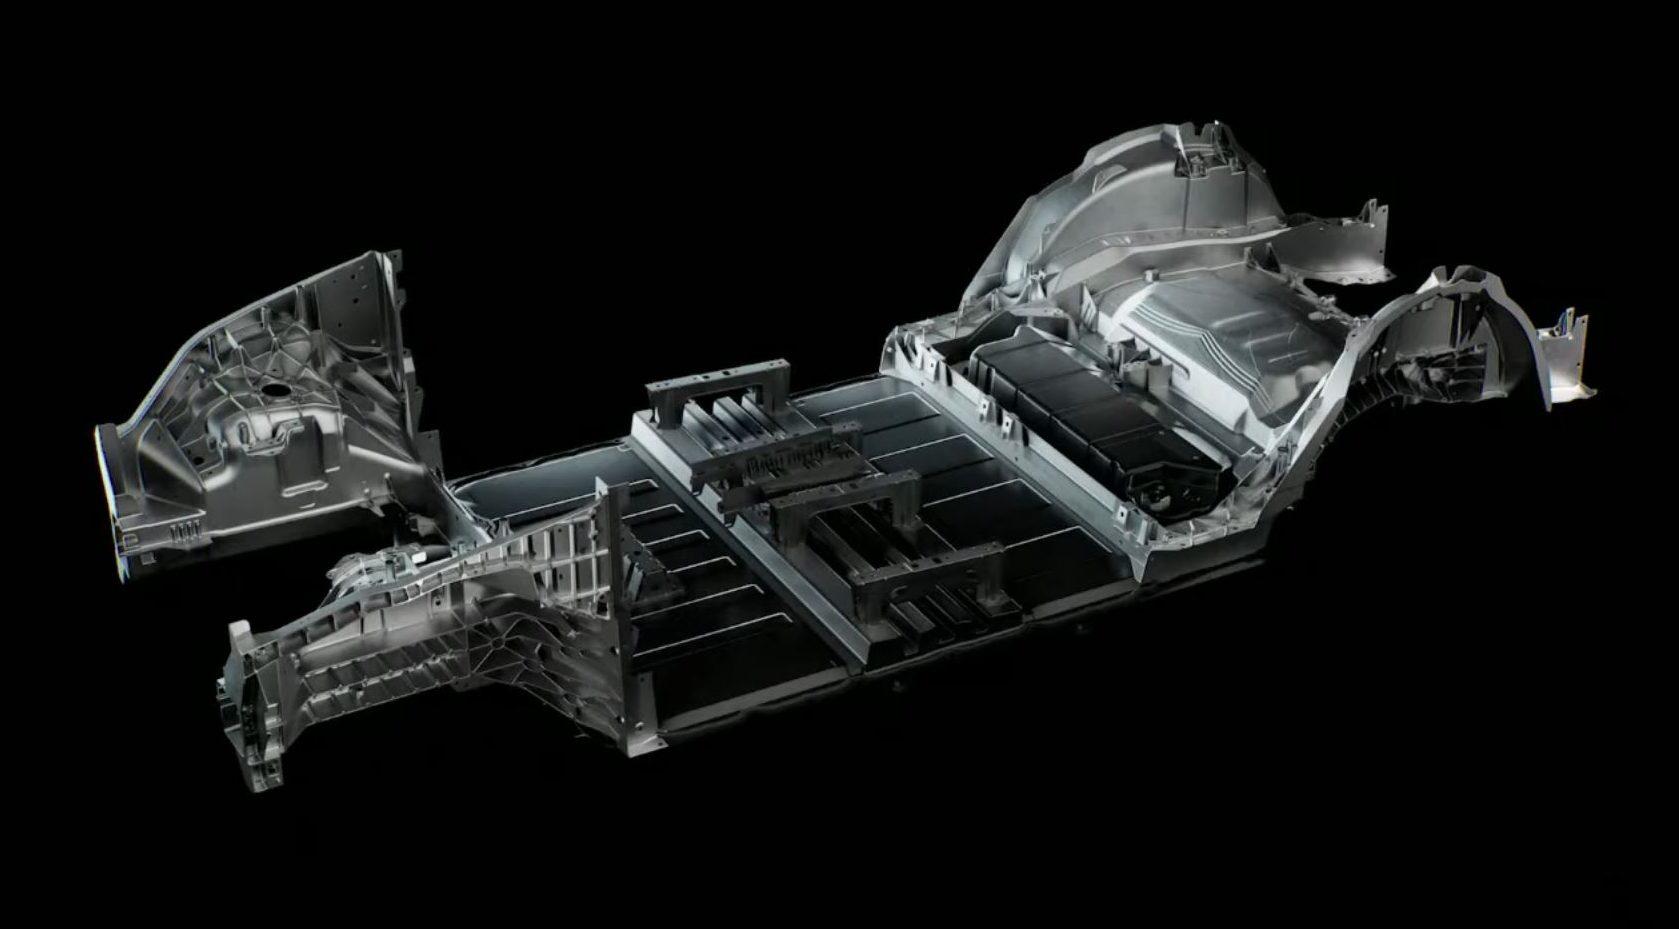 model-y-4680-cells